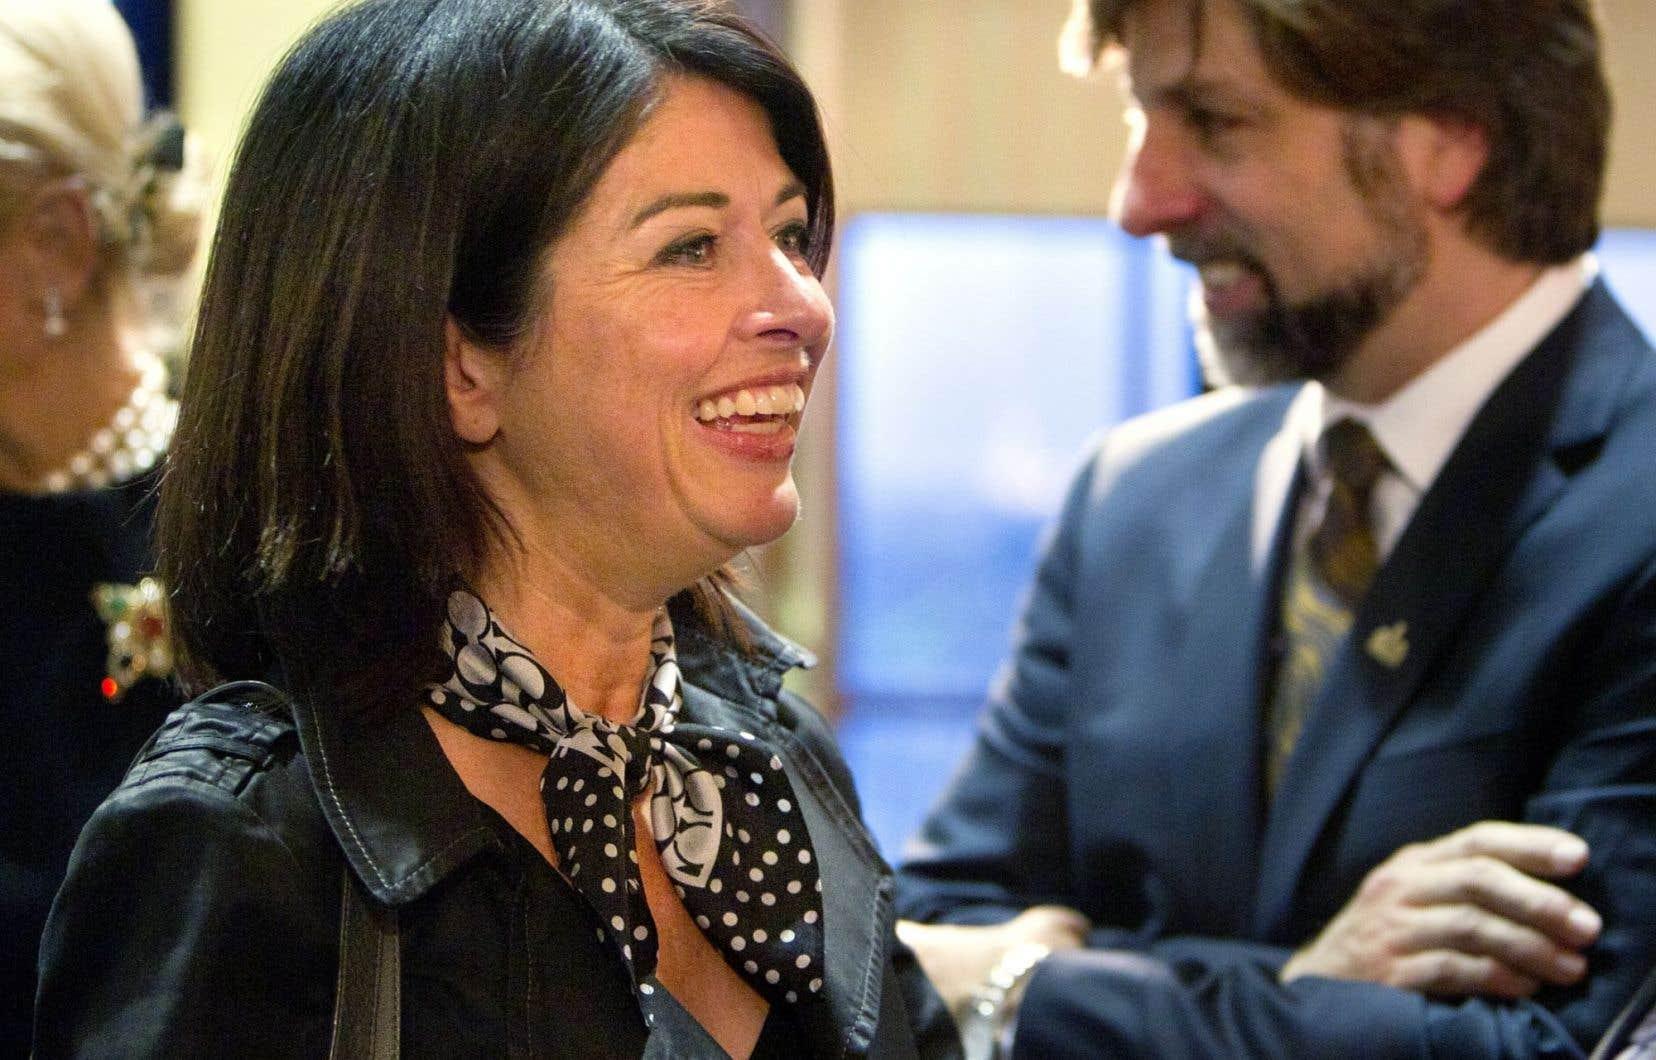 Line Beauchamp, âgée de 53 ans, a été députée de 1998 à 2012, d'abord pour la circonscription montréalaise de Sauvé, puis de Bourassa-Sauvé.